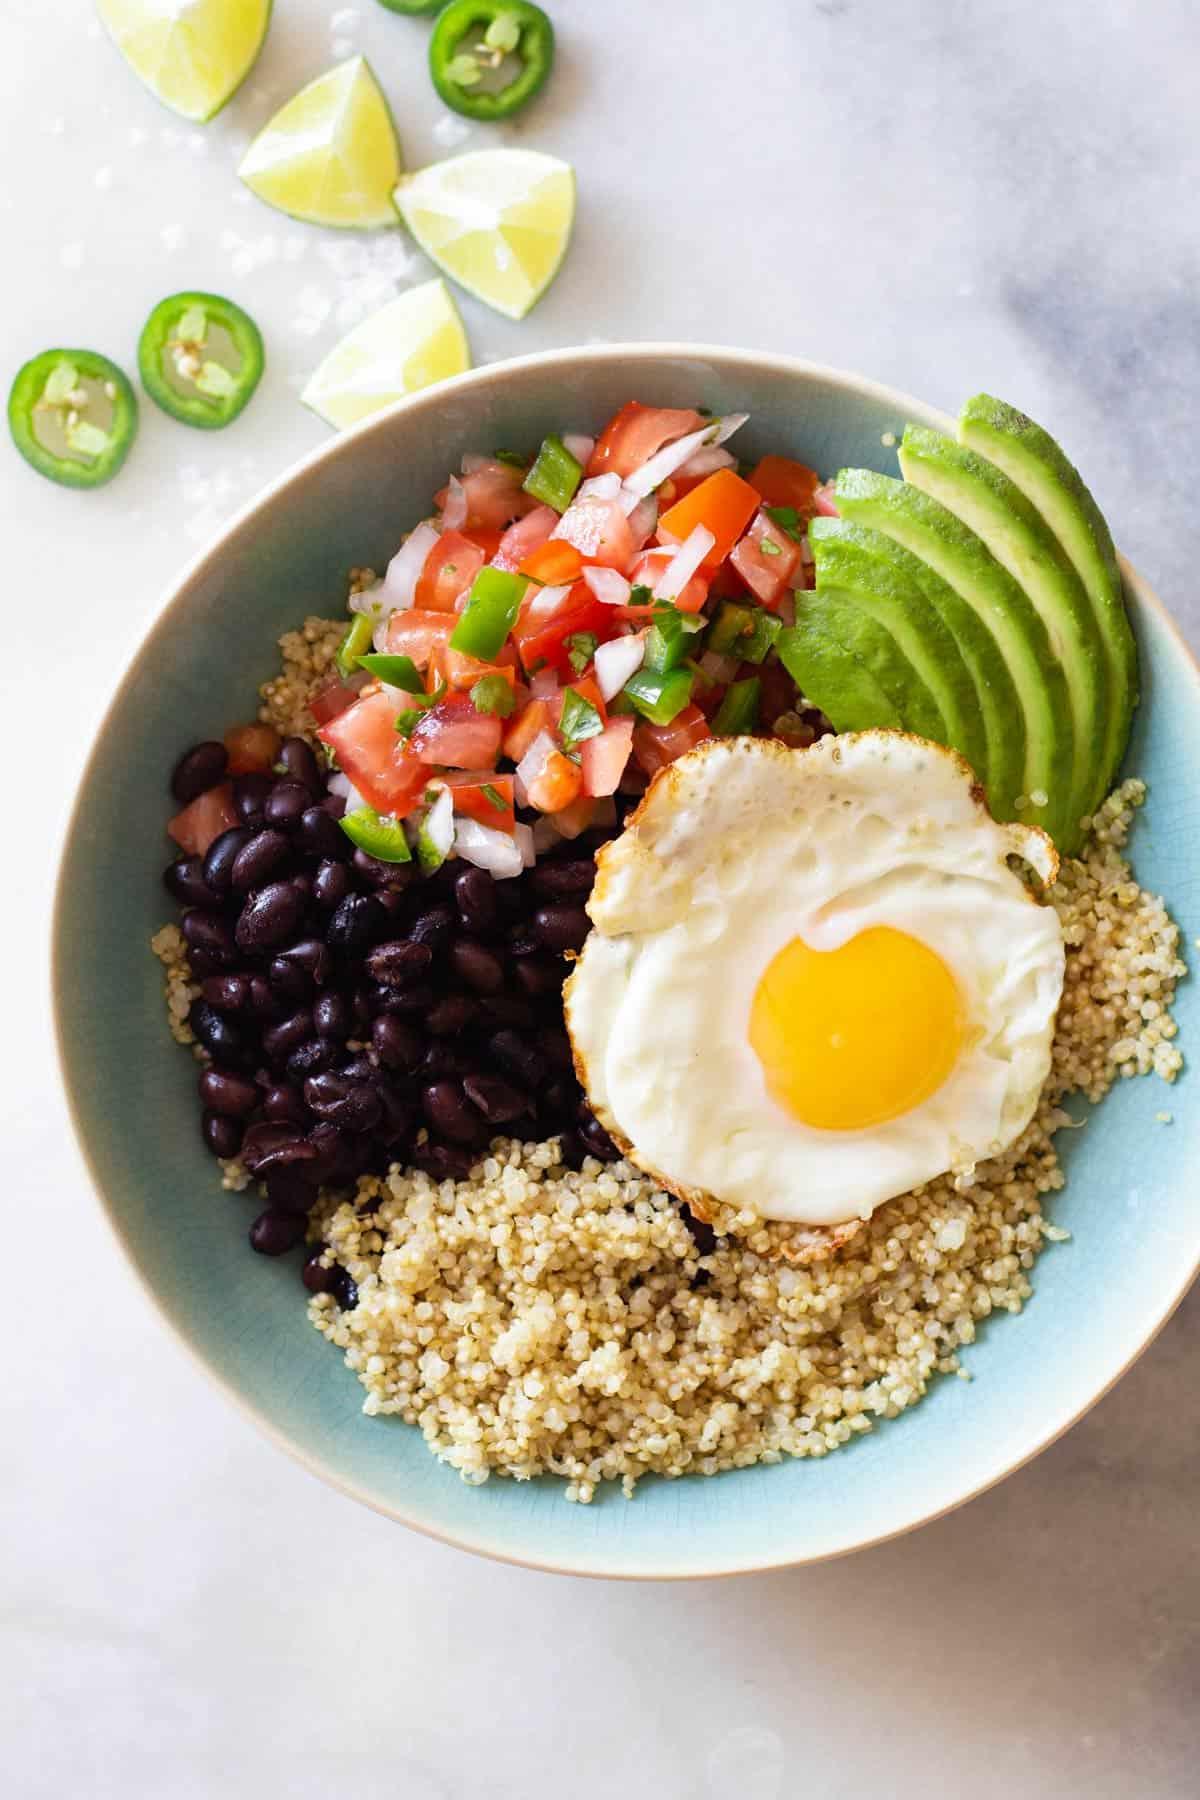 quinoa, black beans, fried egg, pico de gallo, sliced avocado in a blue bowl.